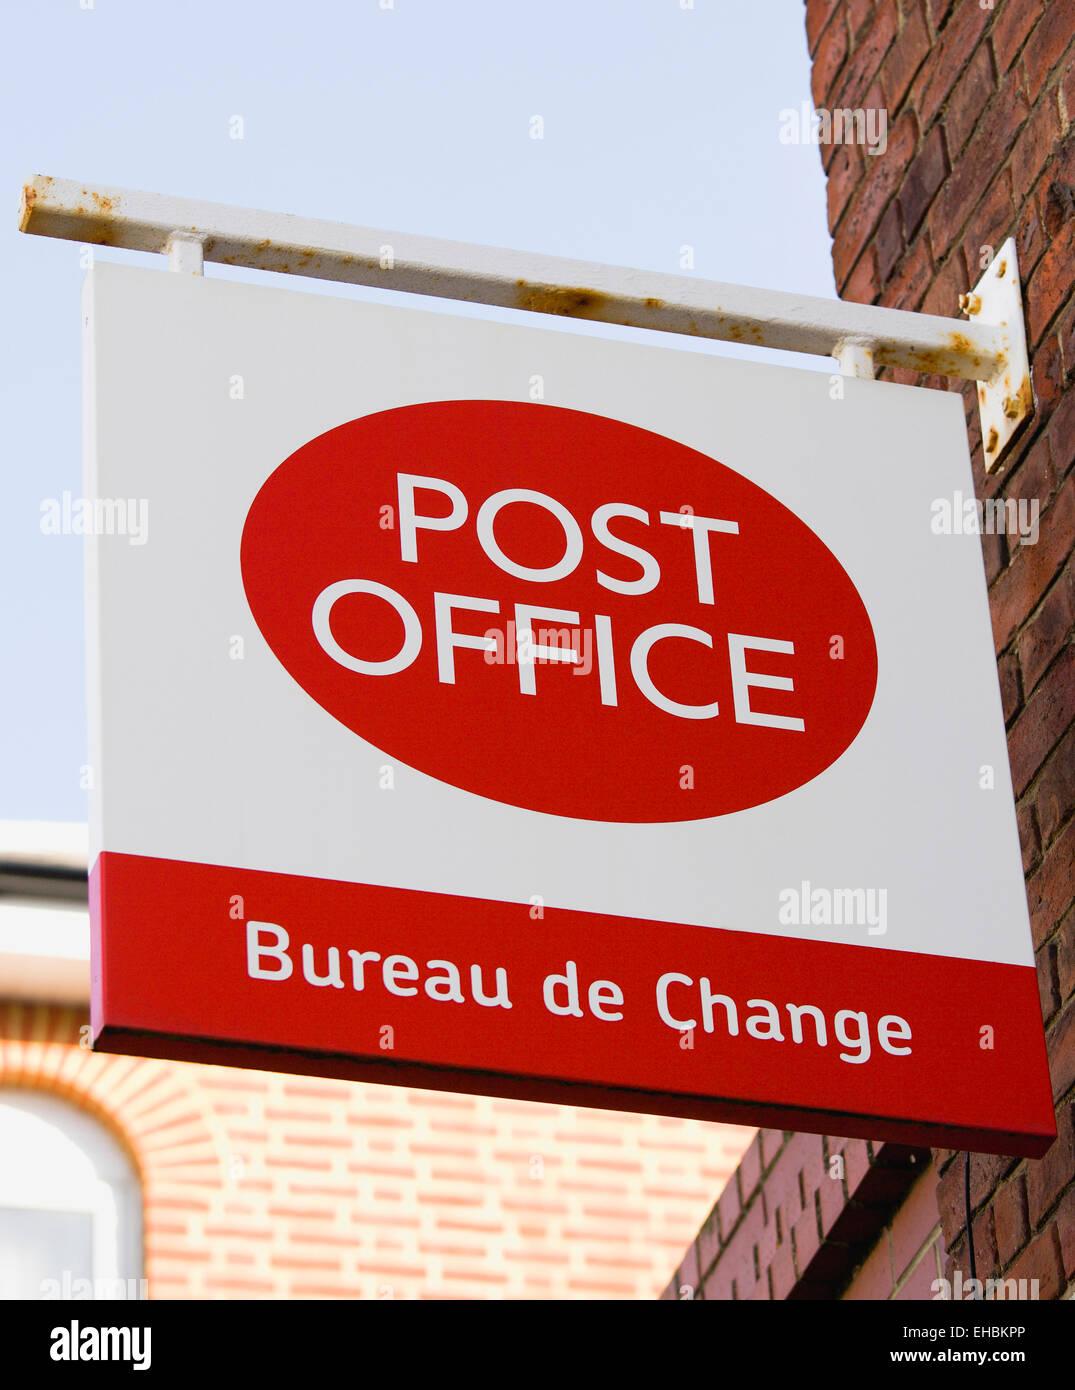 Bureau de change money exchange stock photos bureau de change money exchange stock images alamy - Bureau de change paris 8 ...